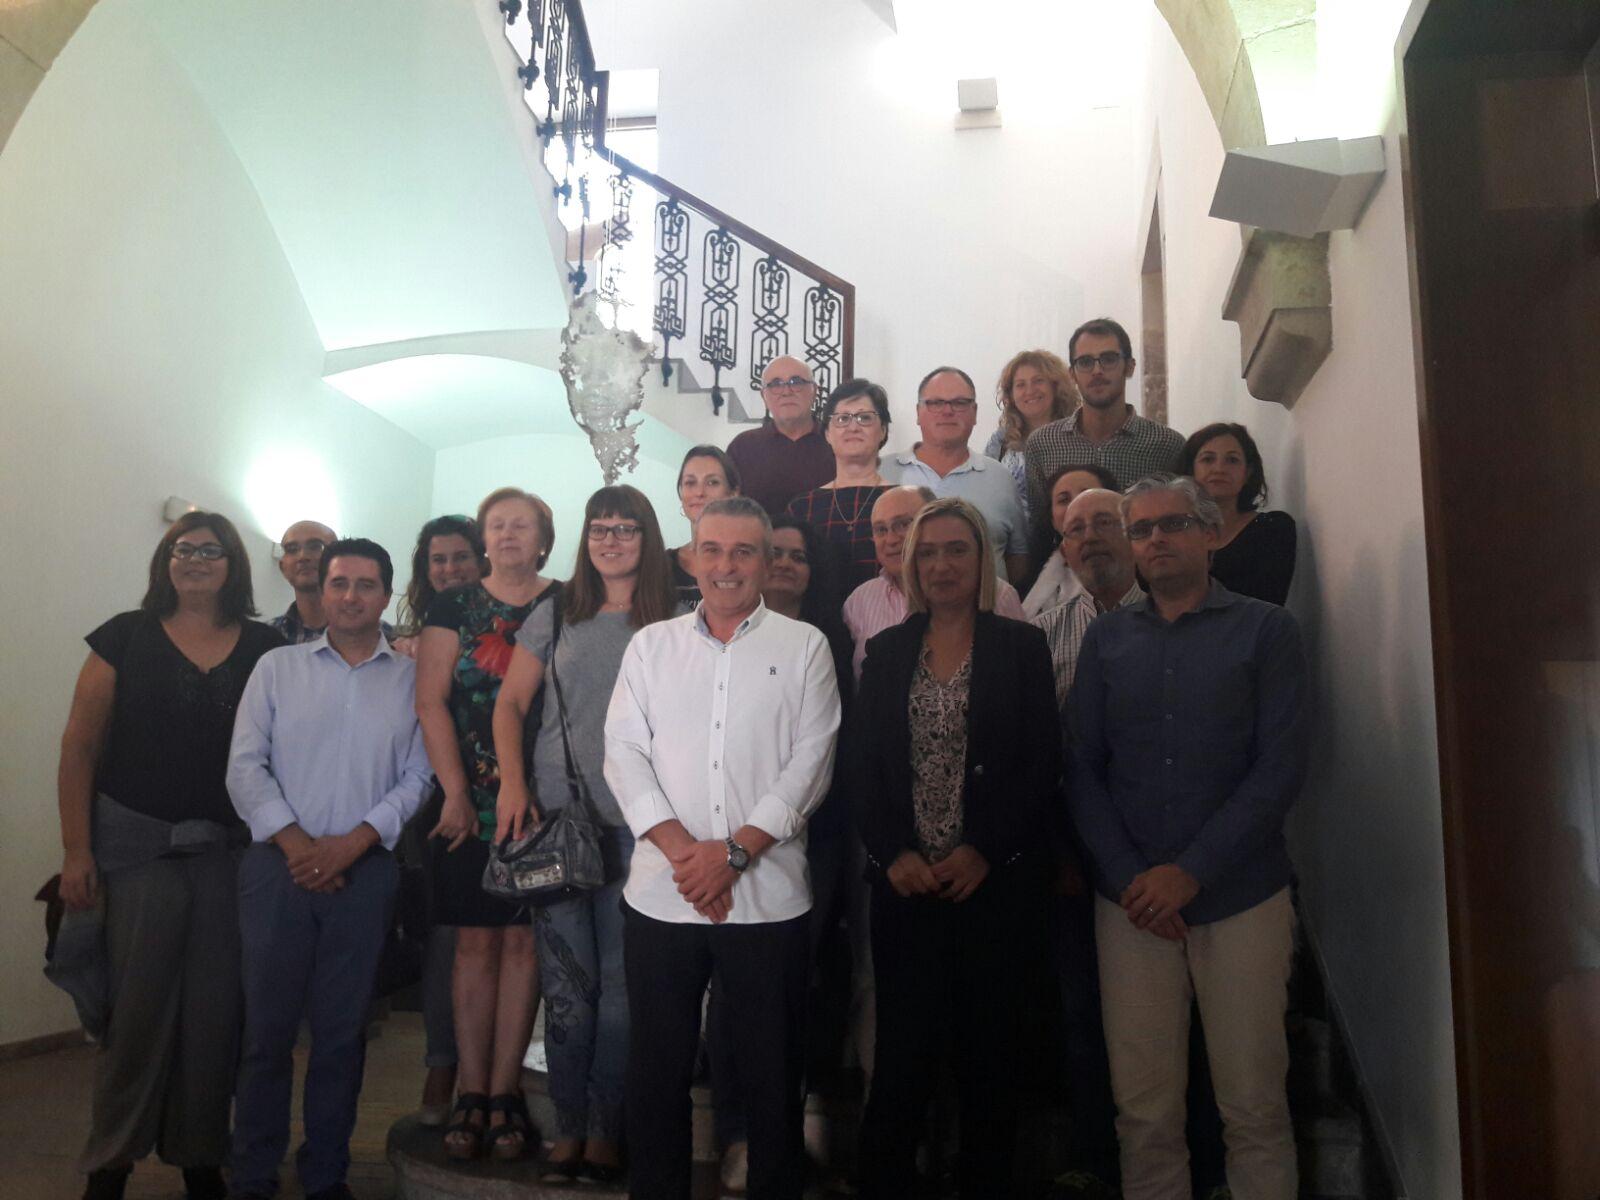 Tots els municipis de la comarca de El Camp del Túria perceben enguany un augment en el finançament per a serveis socials per part de la Conselleria d'Igualtat i Polítiques Inclusives i de la Diputació i, per tant, en el pressupost destinat als equips base.